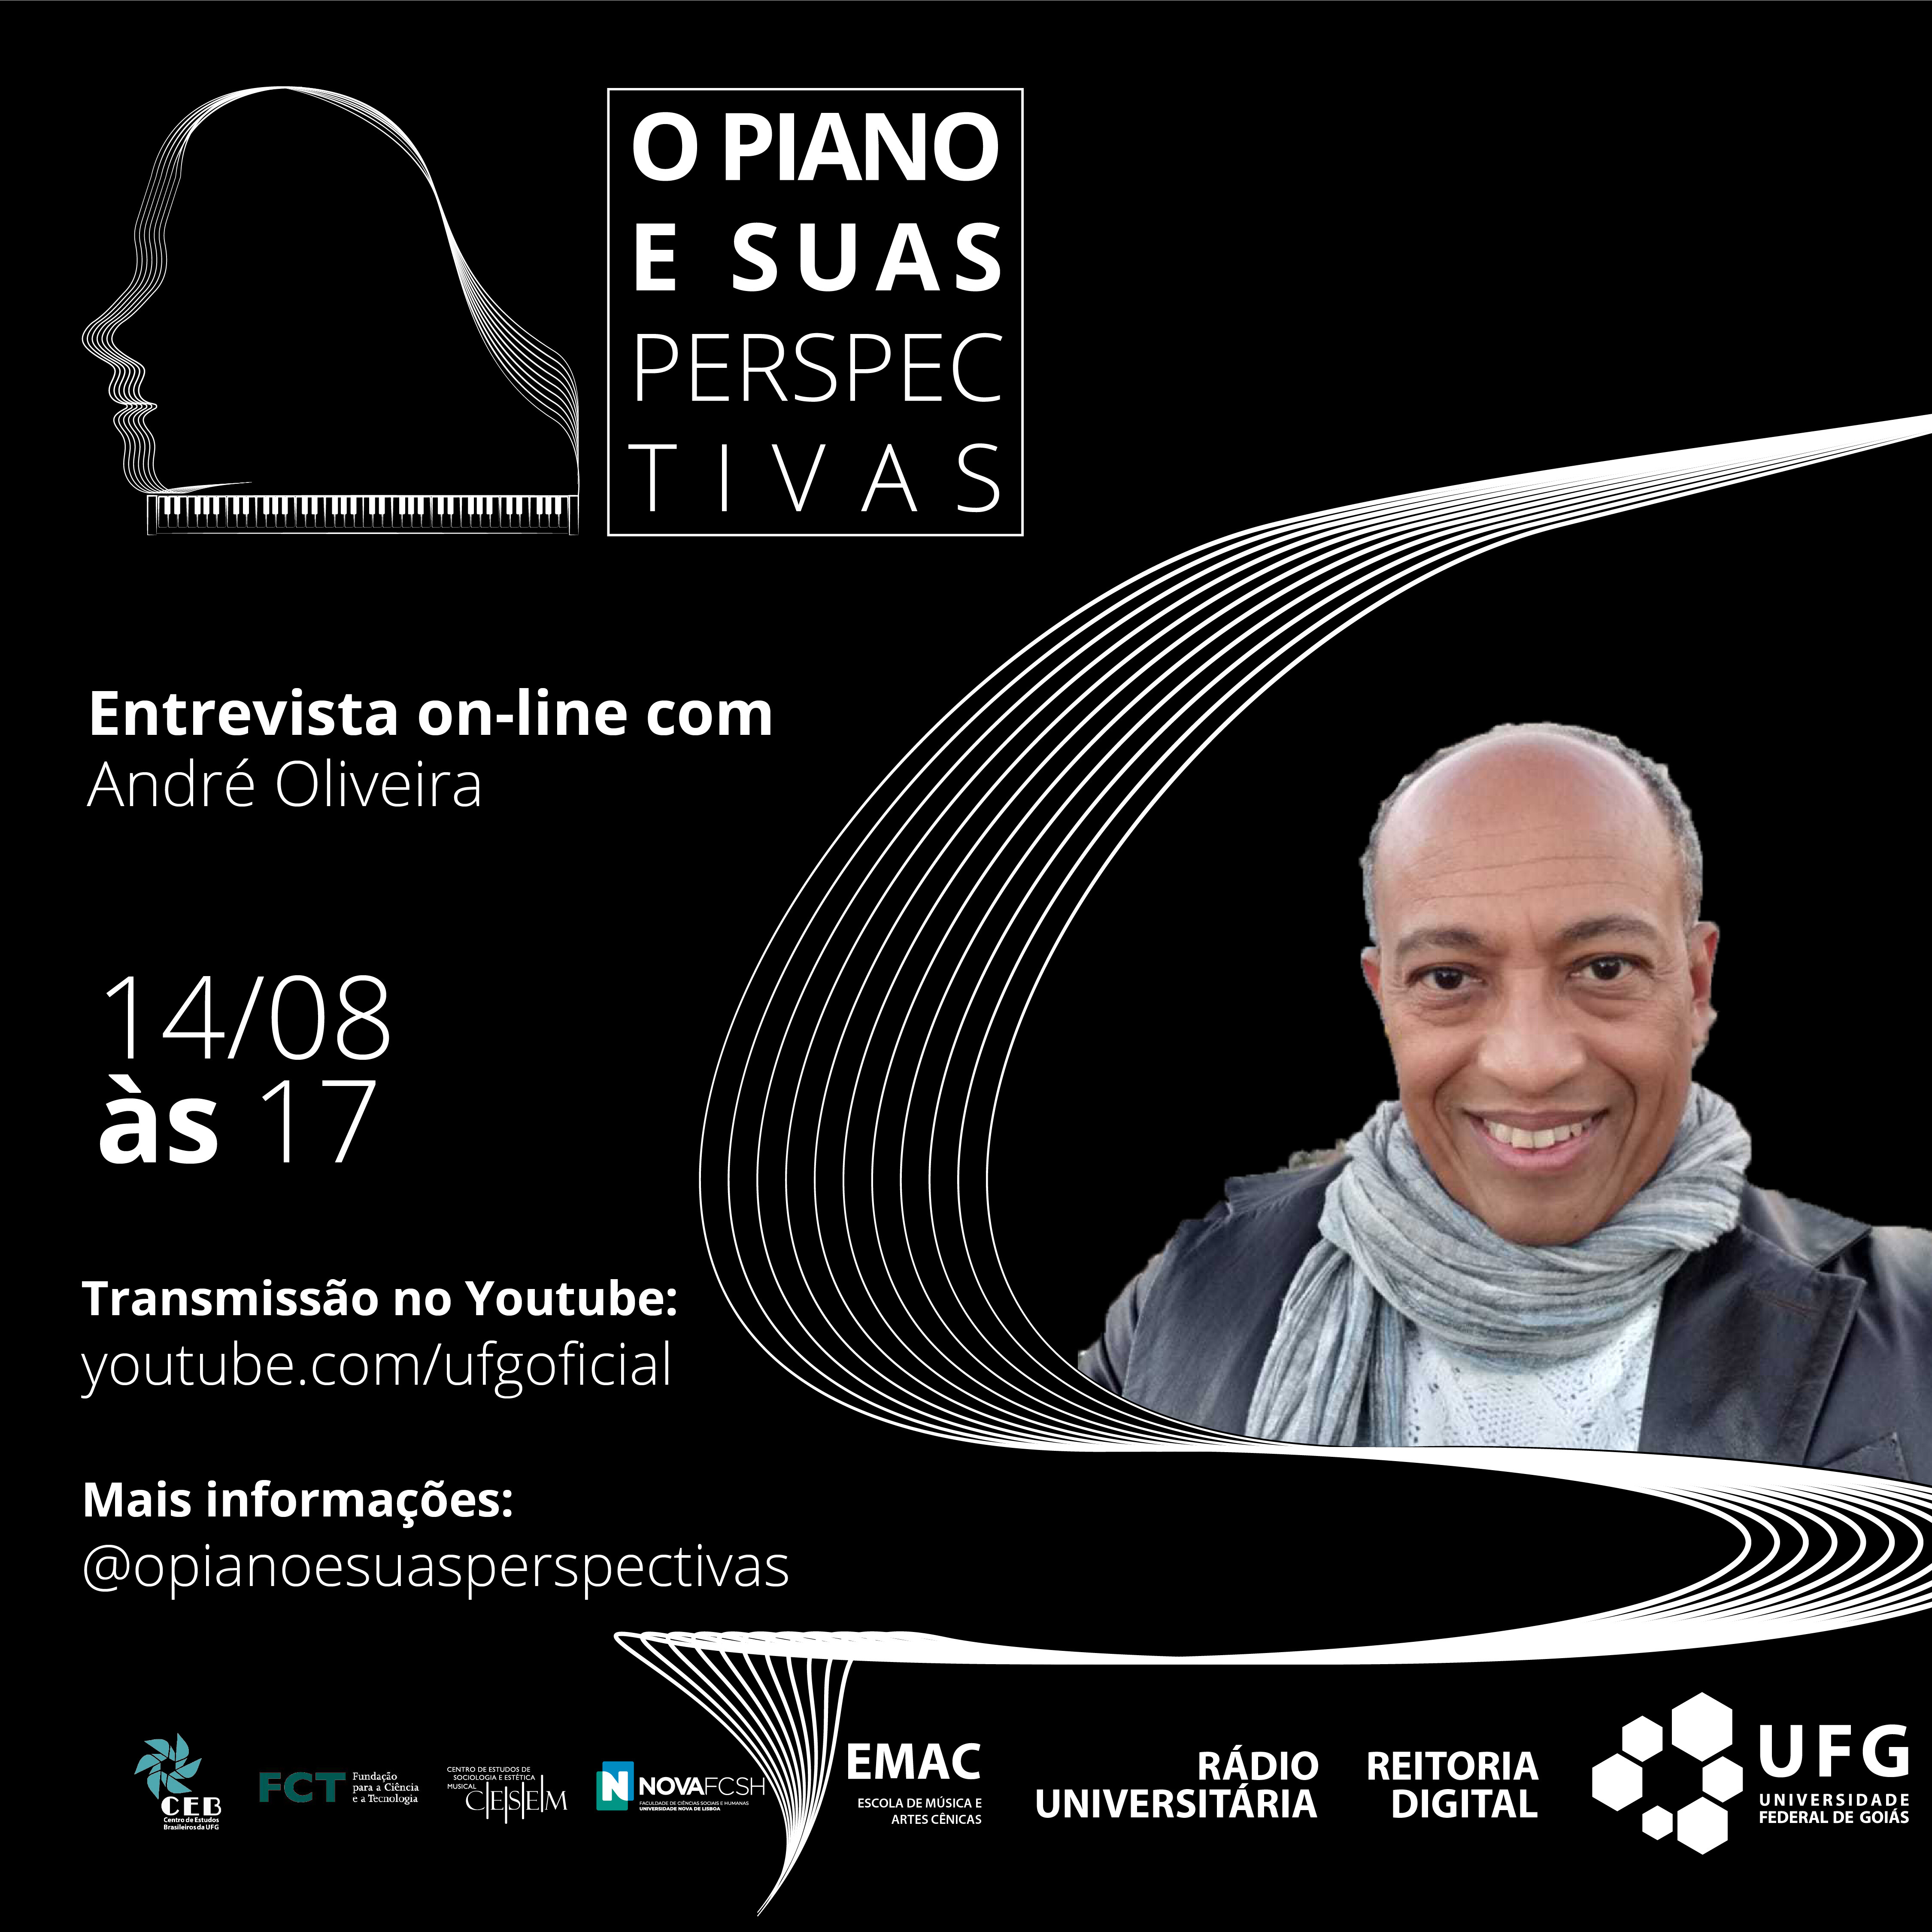 O piano e suas perspectivas com André Oliveira